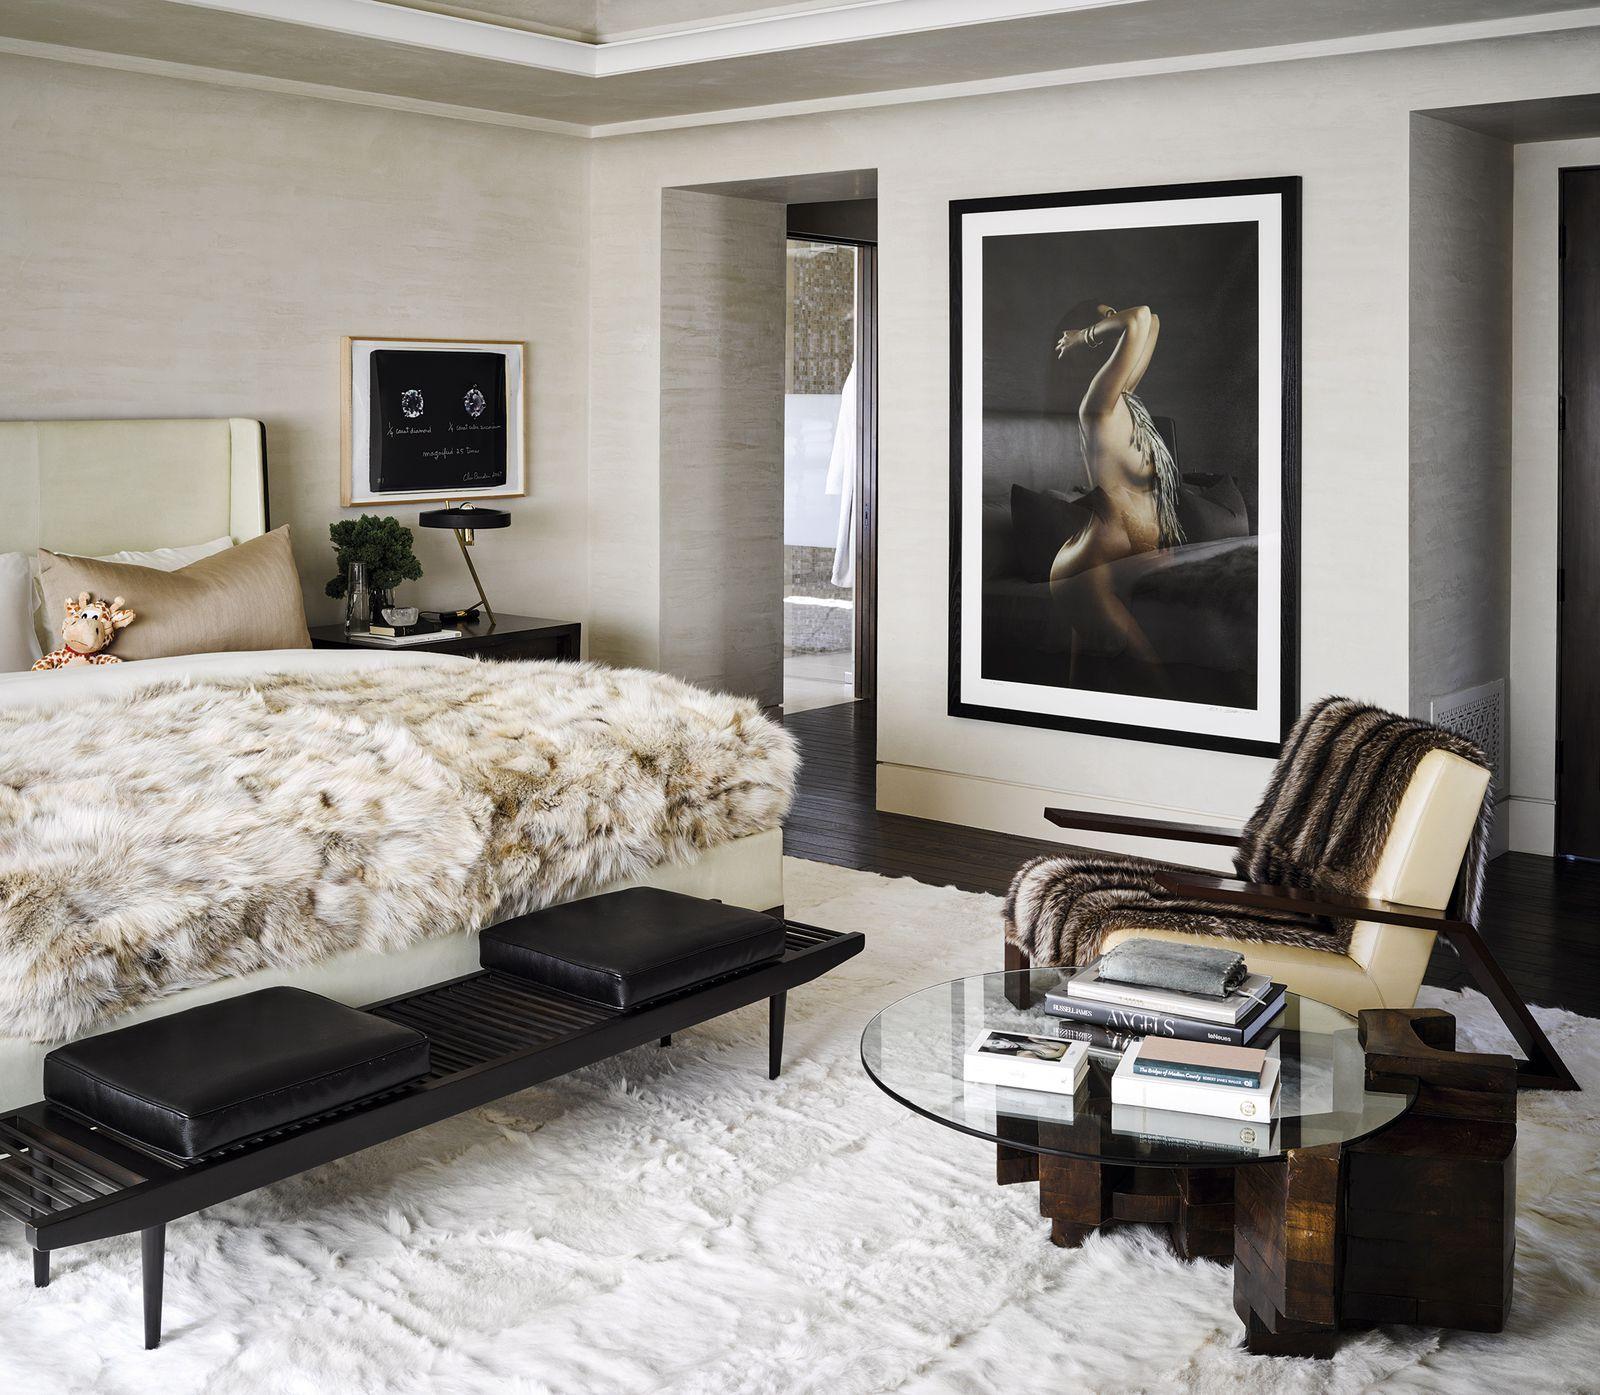 La casa de kourtney kardashian en california casas for Software decoracion interiores